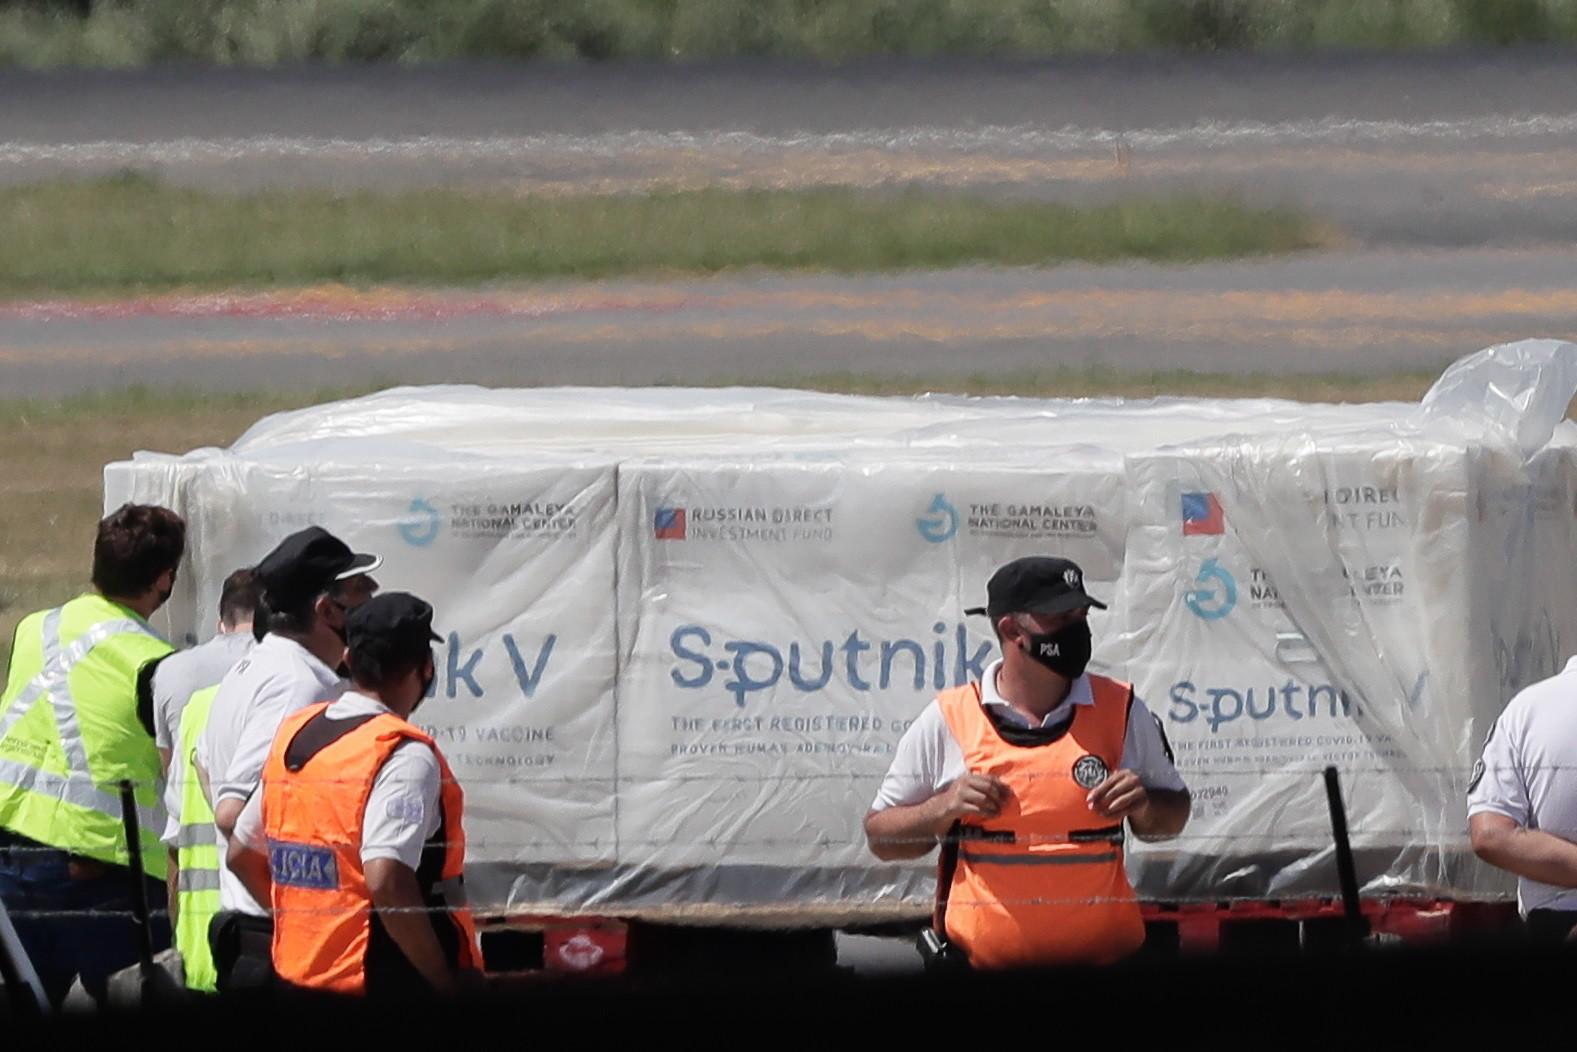 Argentina începe campania de vaccinare împotriva Covid-19 cu vaccinul rusesc Sputnik V